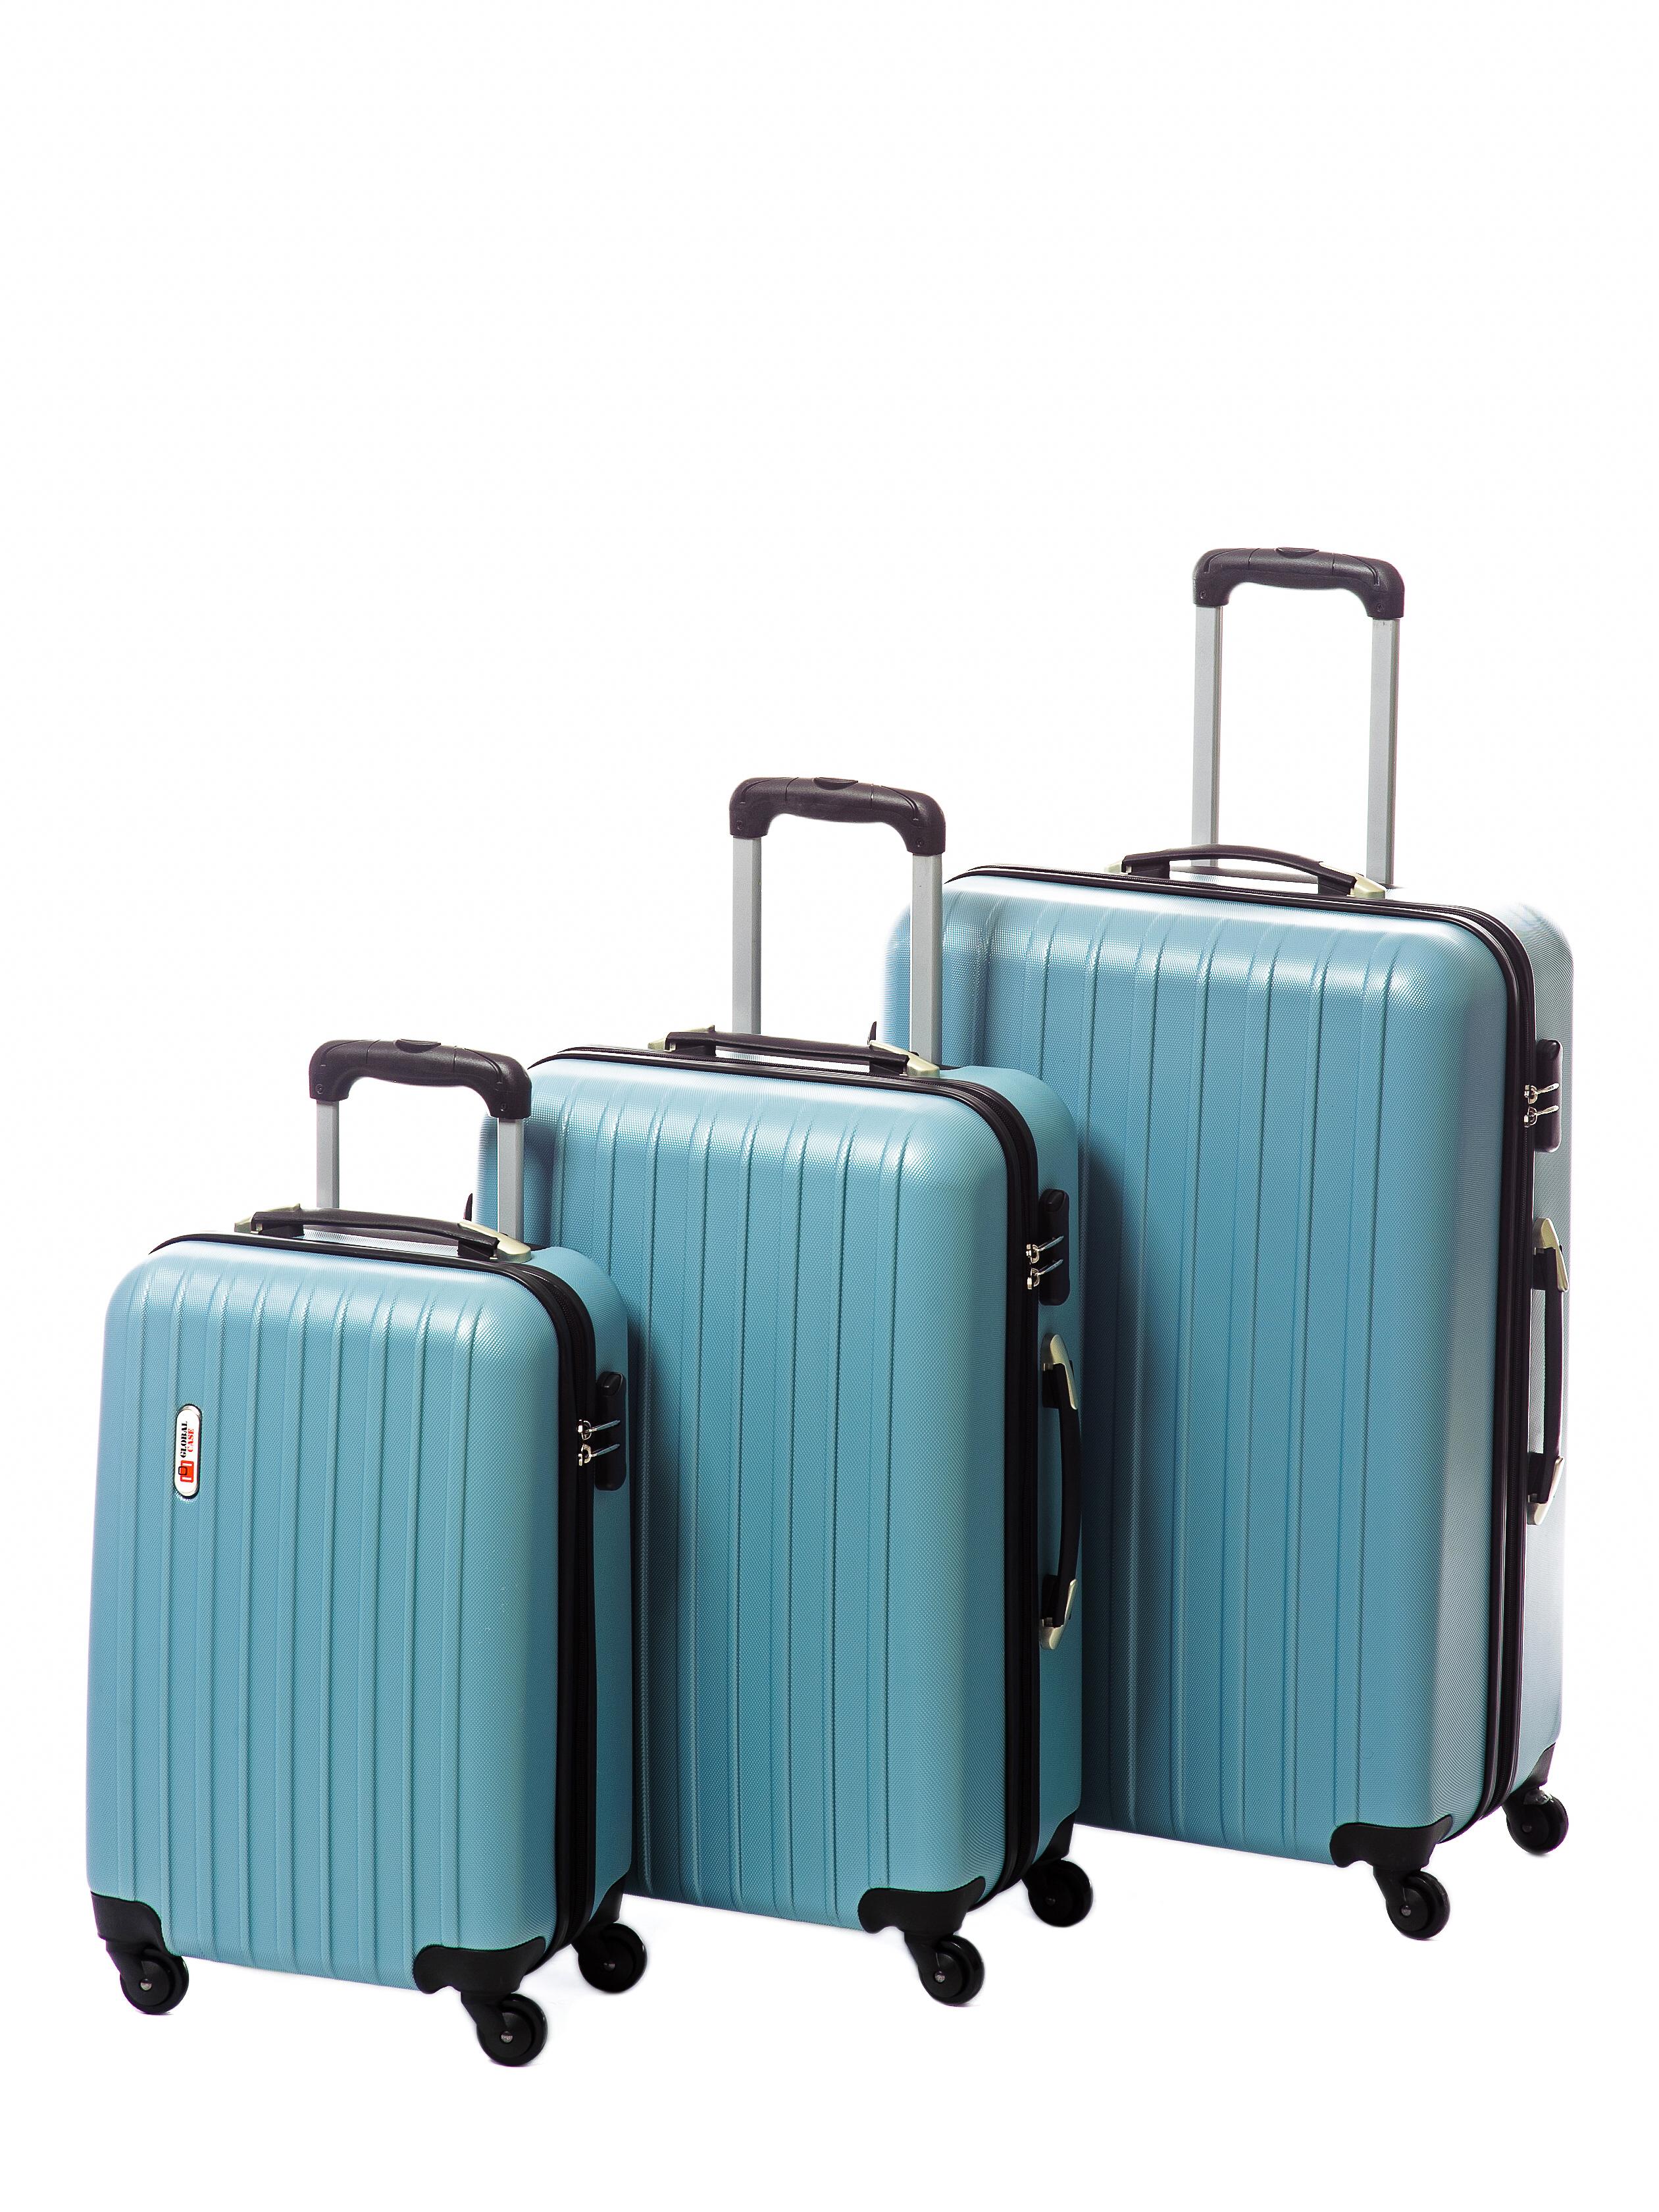 Чемоданы Российского производства SunVoyage 3. Также в наличии всегда  чемоданы из ABS-пластика с алюминиевым каркасом. поликарбонат bc0d076f2f2